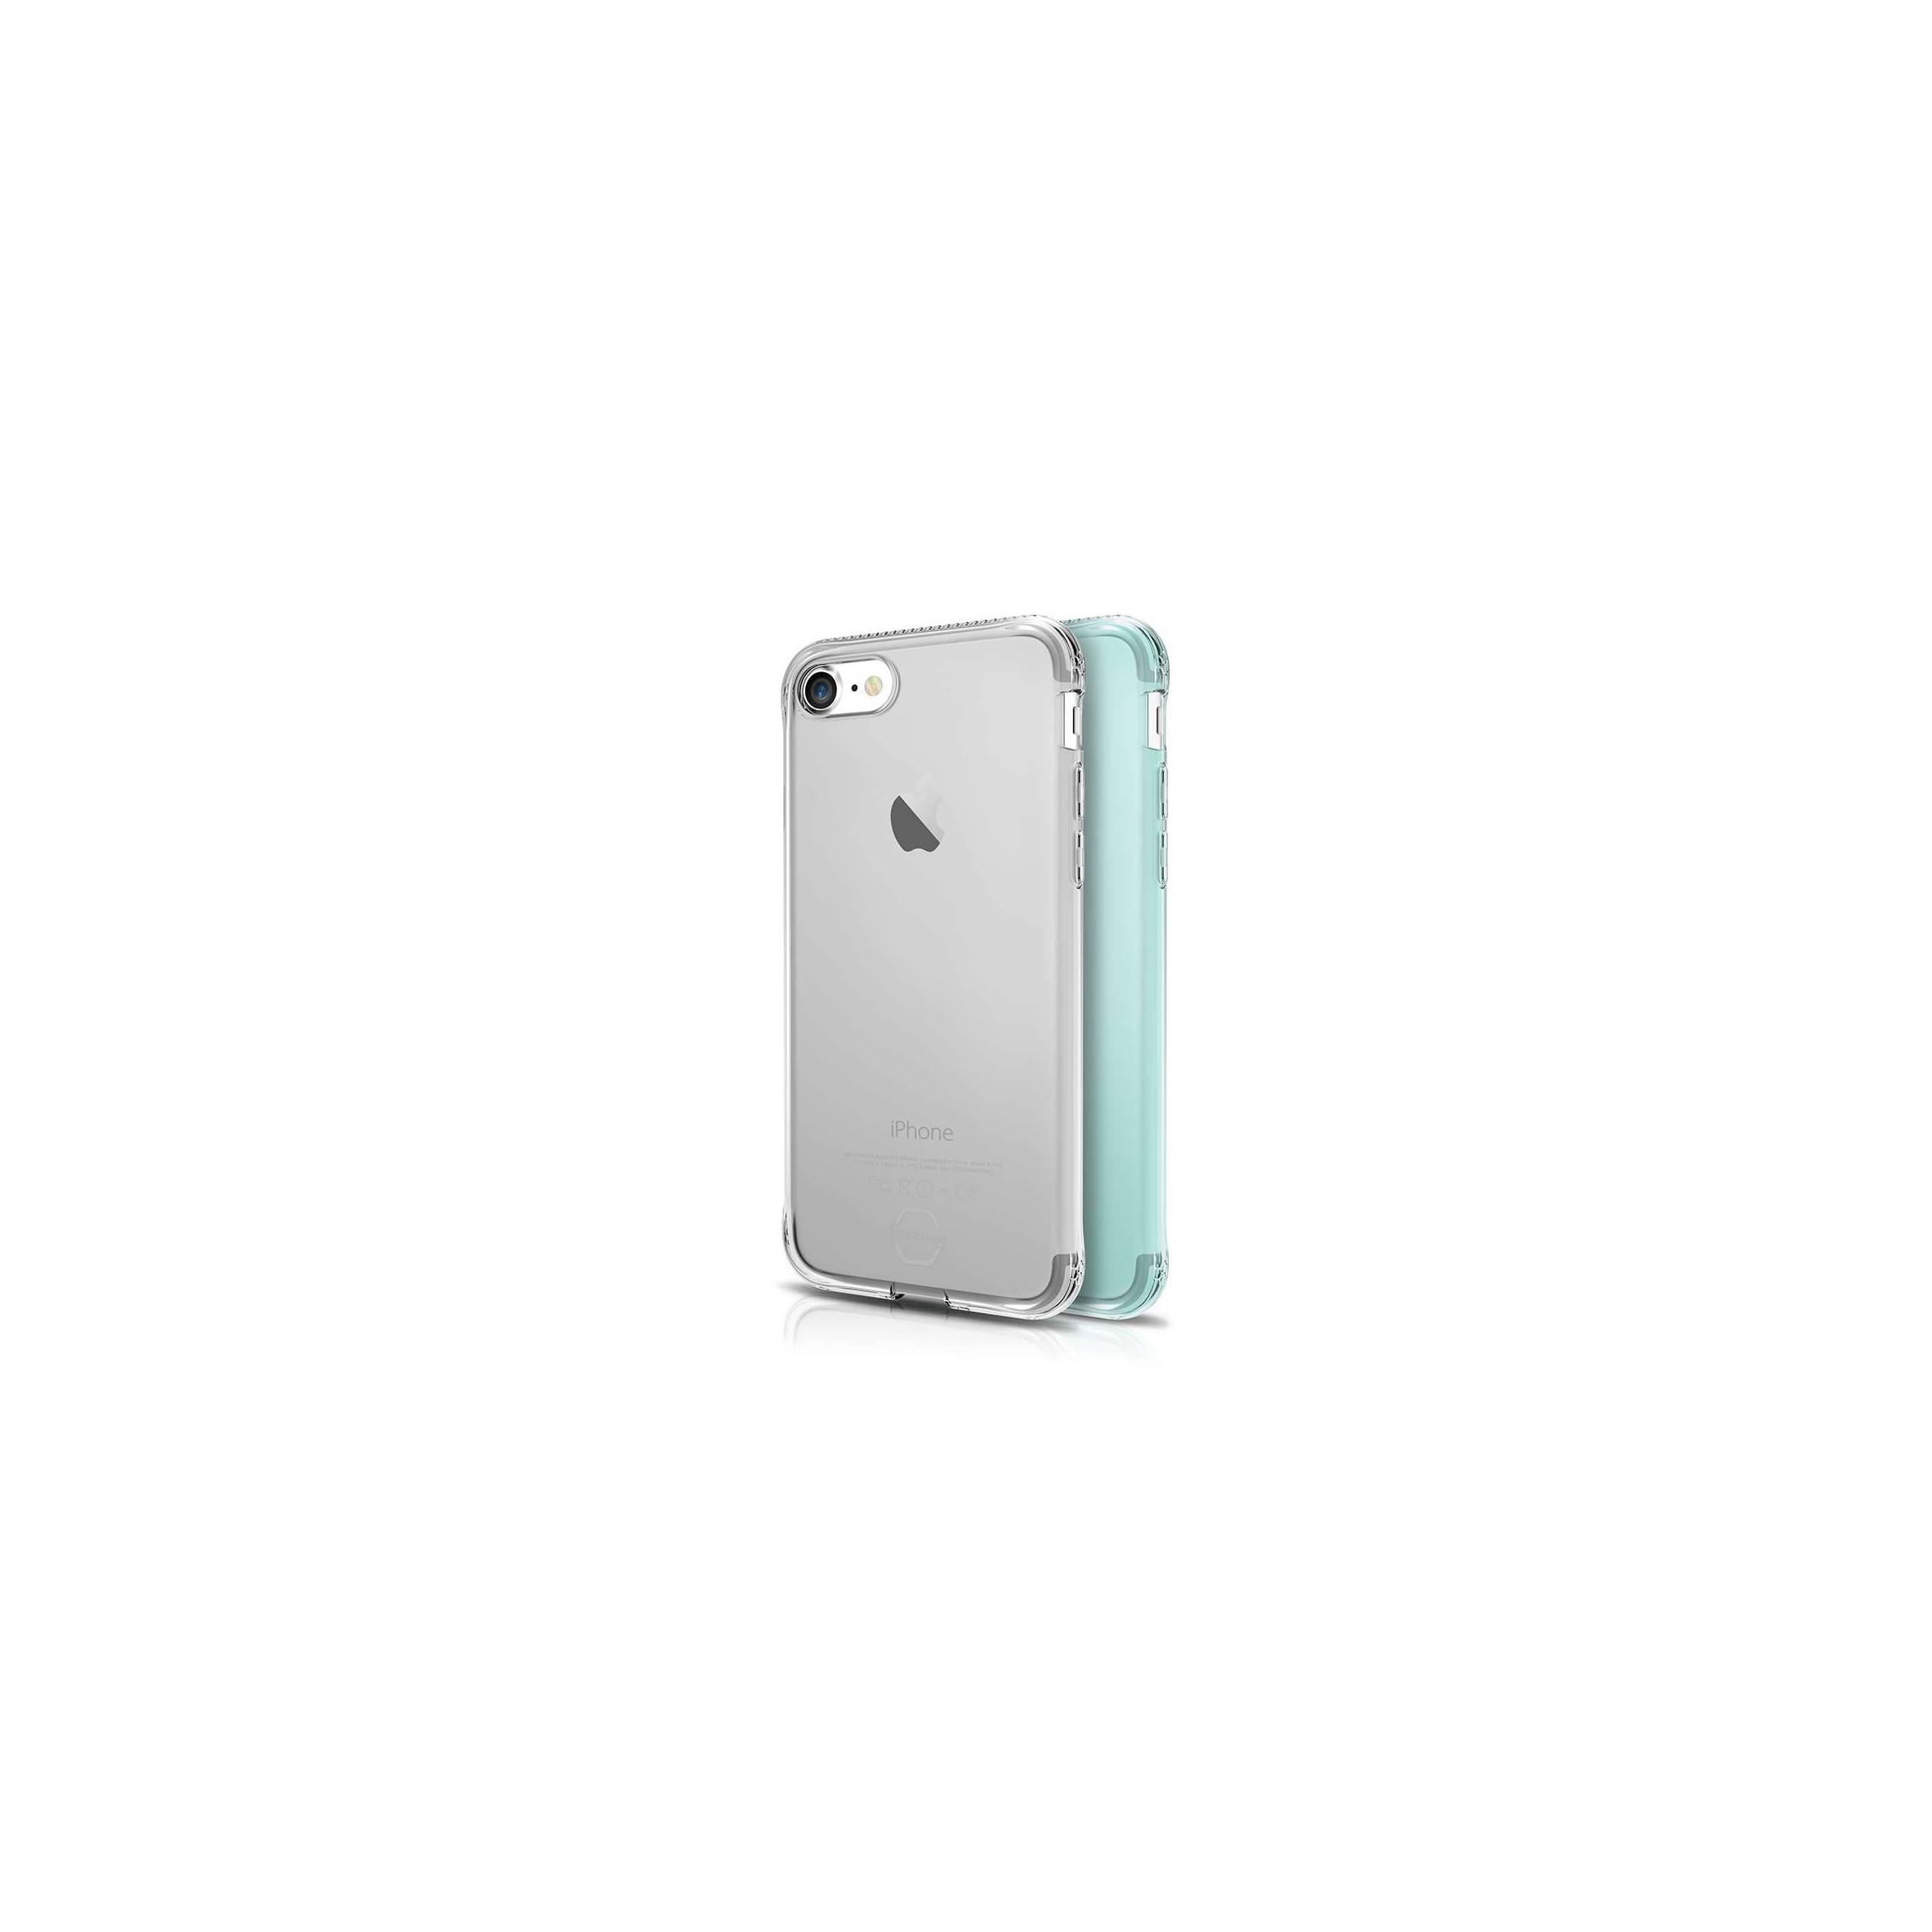 itskins – Itskins slim silikone protect gel iphone 7 & 8 cover dobbelt 2x pakke farve klar & grøn på mackabler.dk